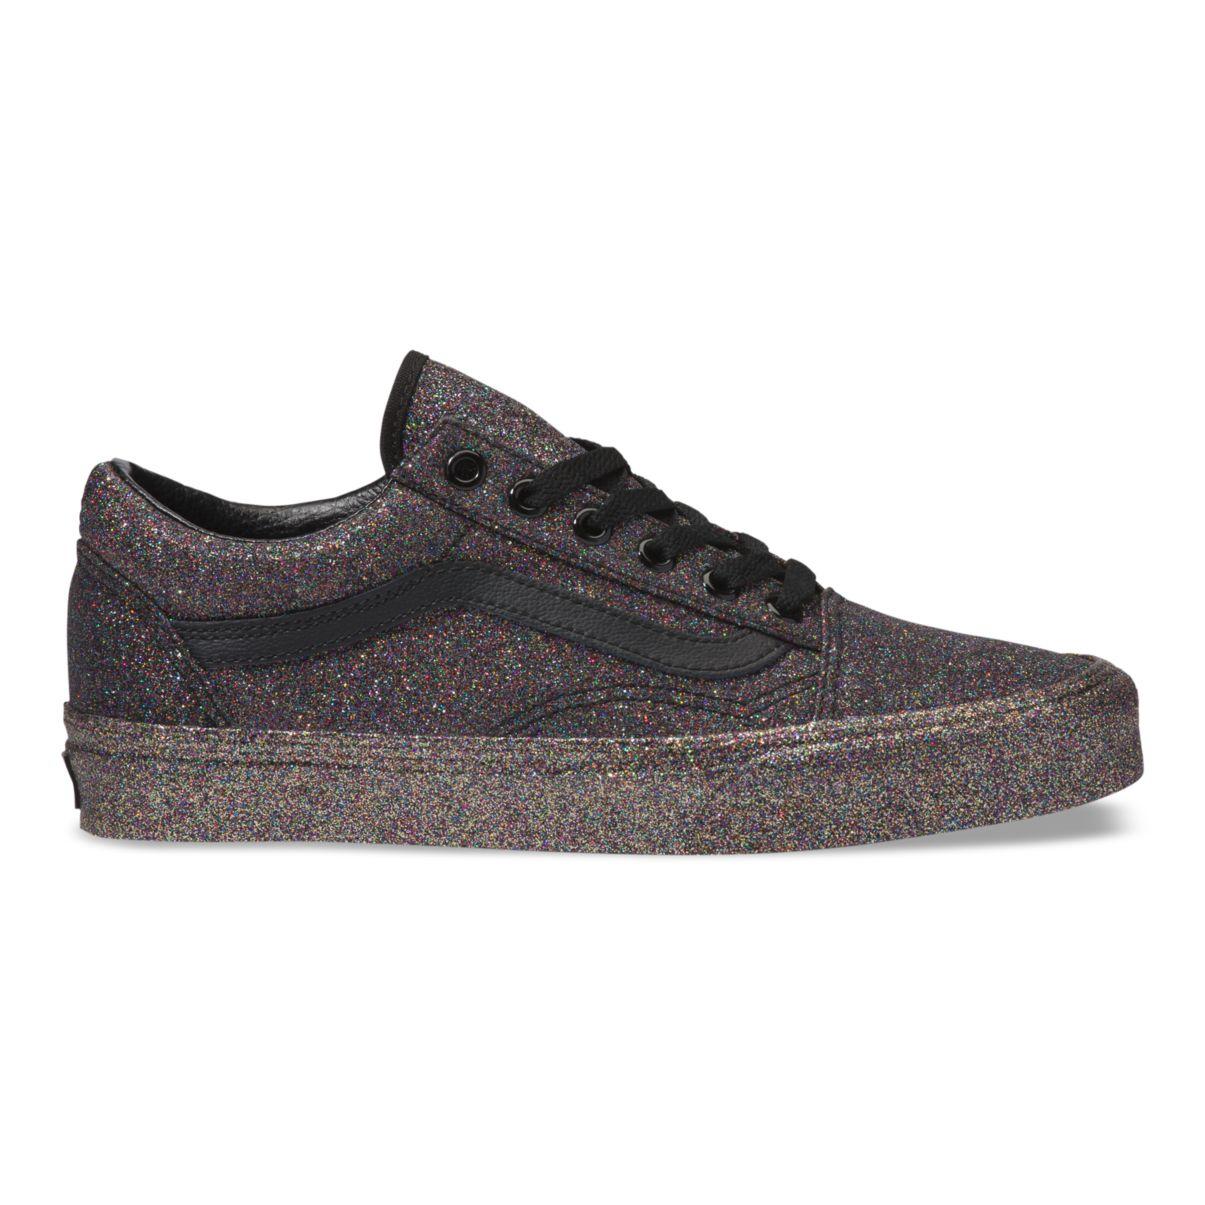 Détails sur Vans Old Skool Sneaker Paillettes Rainbow Femmes Noir afficher le titre d'origine